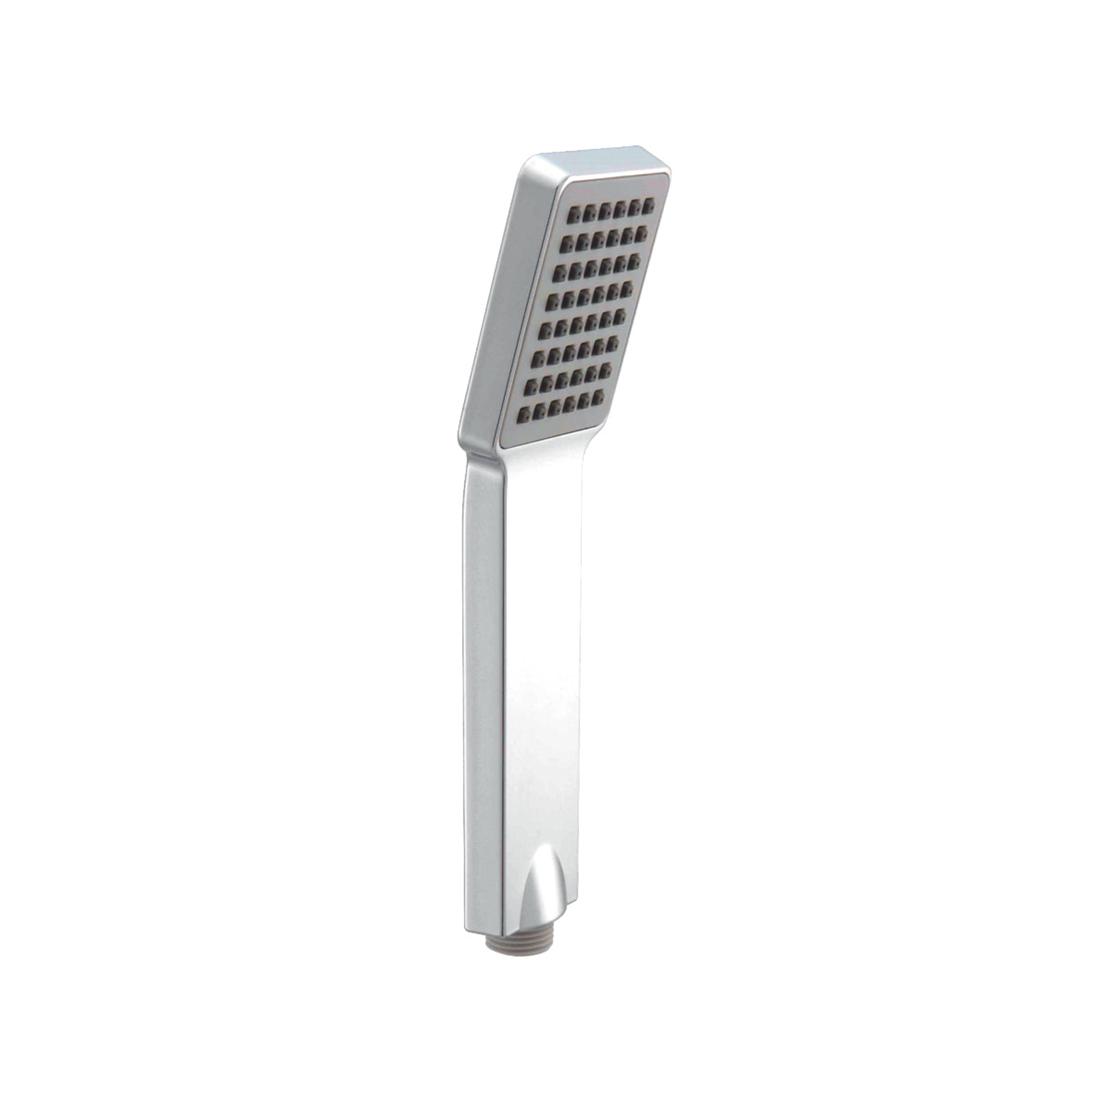 Kerovit KA510002 Single Function Handheld Shower With Hook